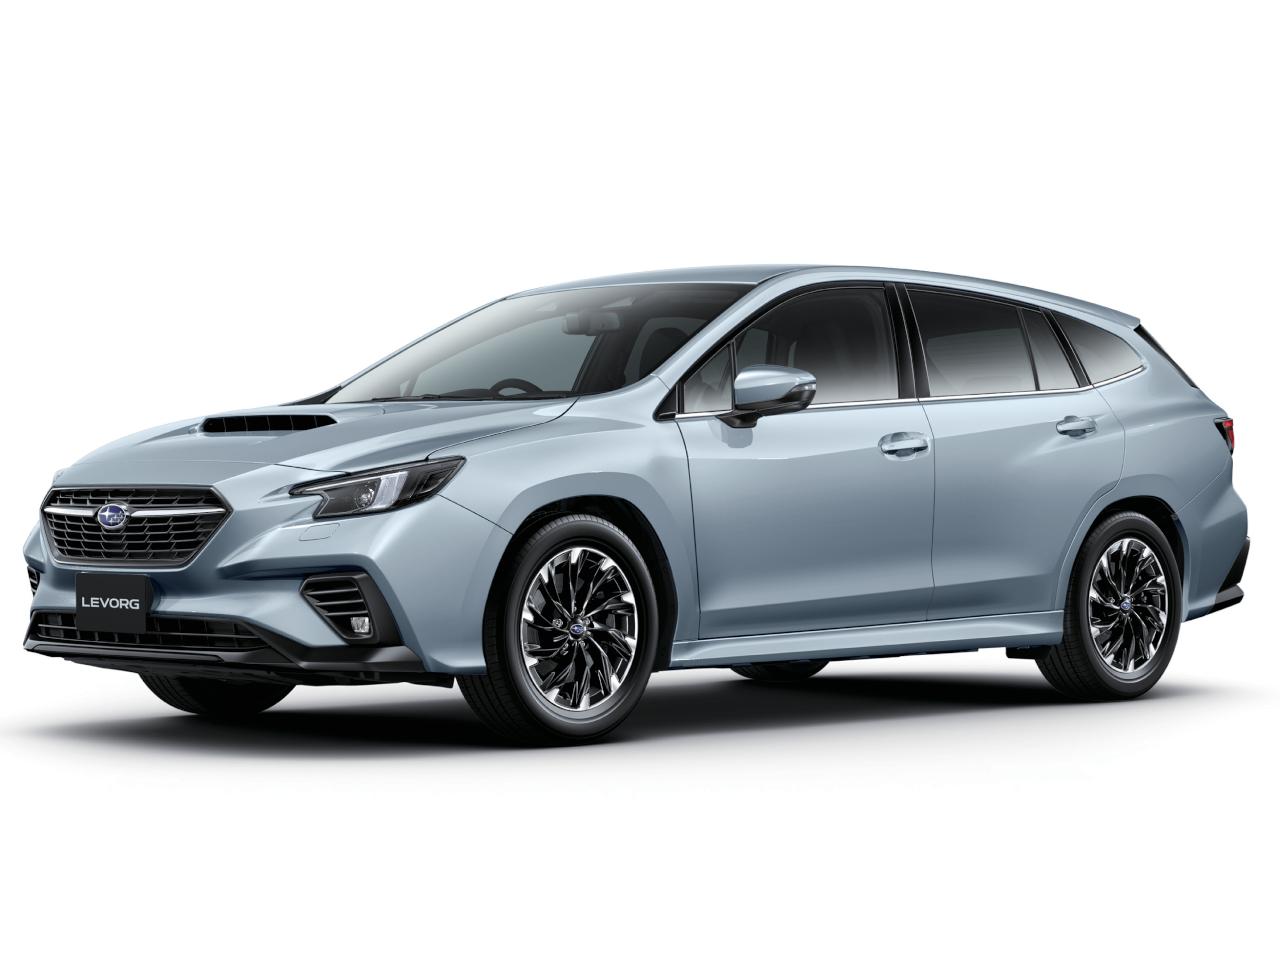 スバル レヴォーグ 2020年モデル 新車画像